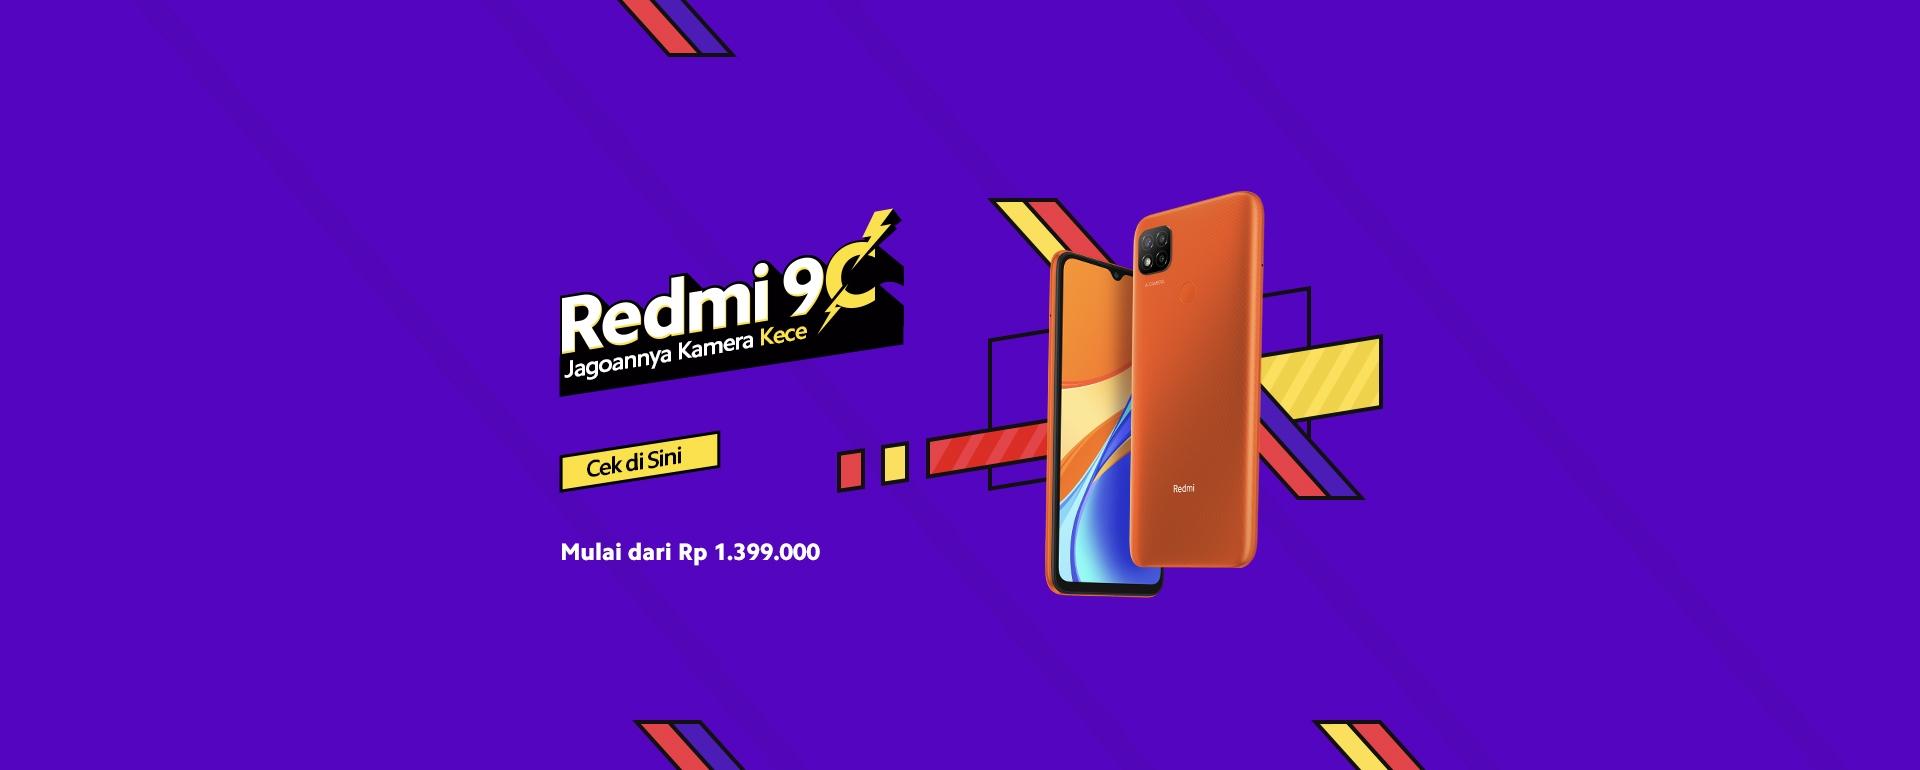 Redmi 9C is comming